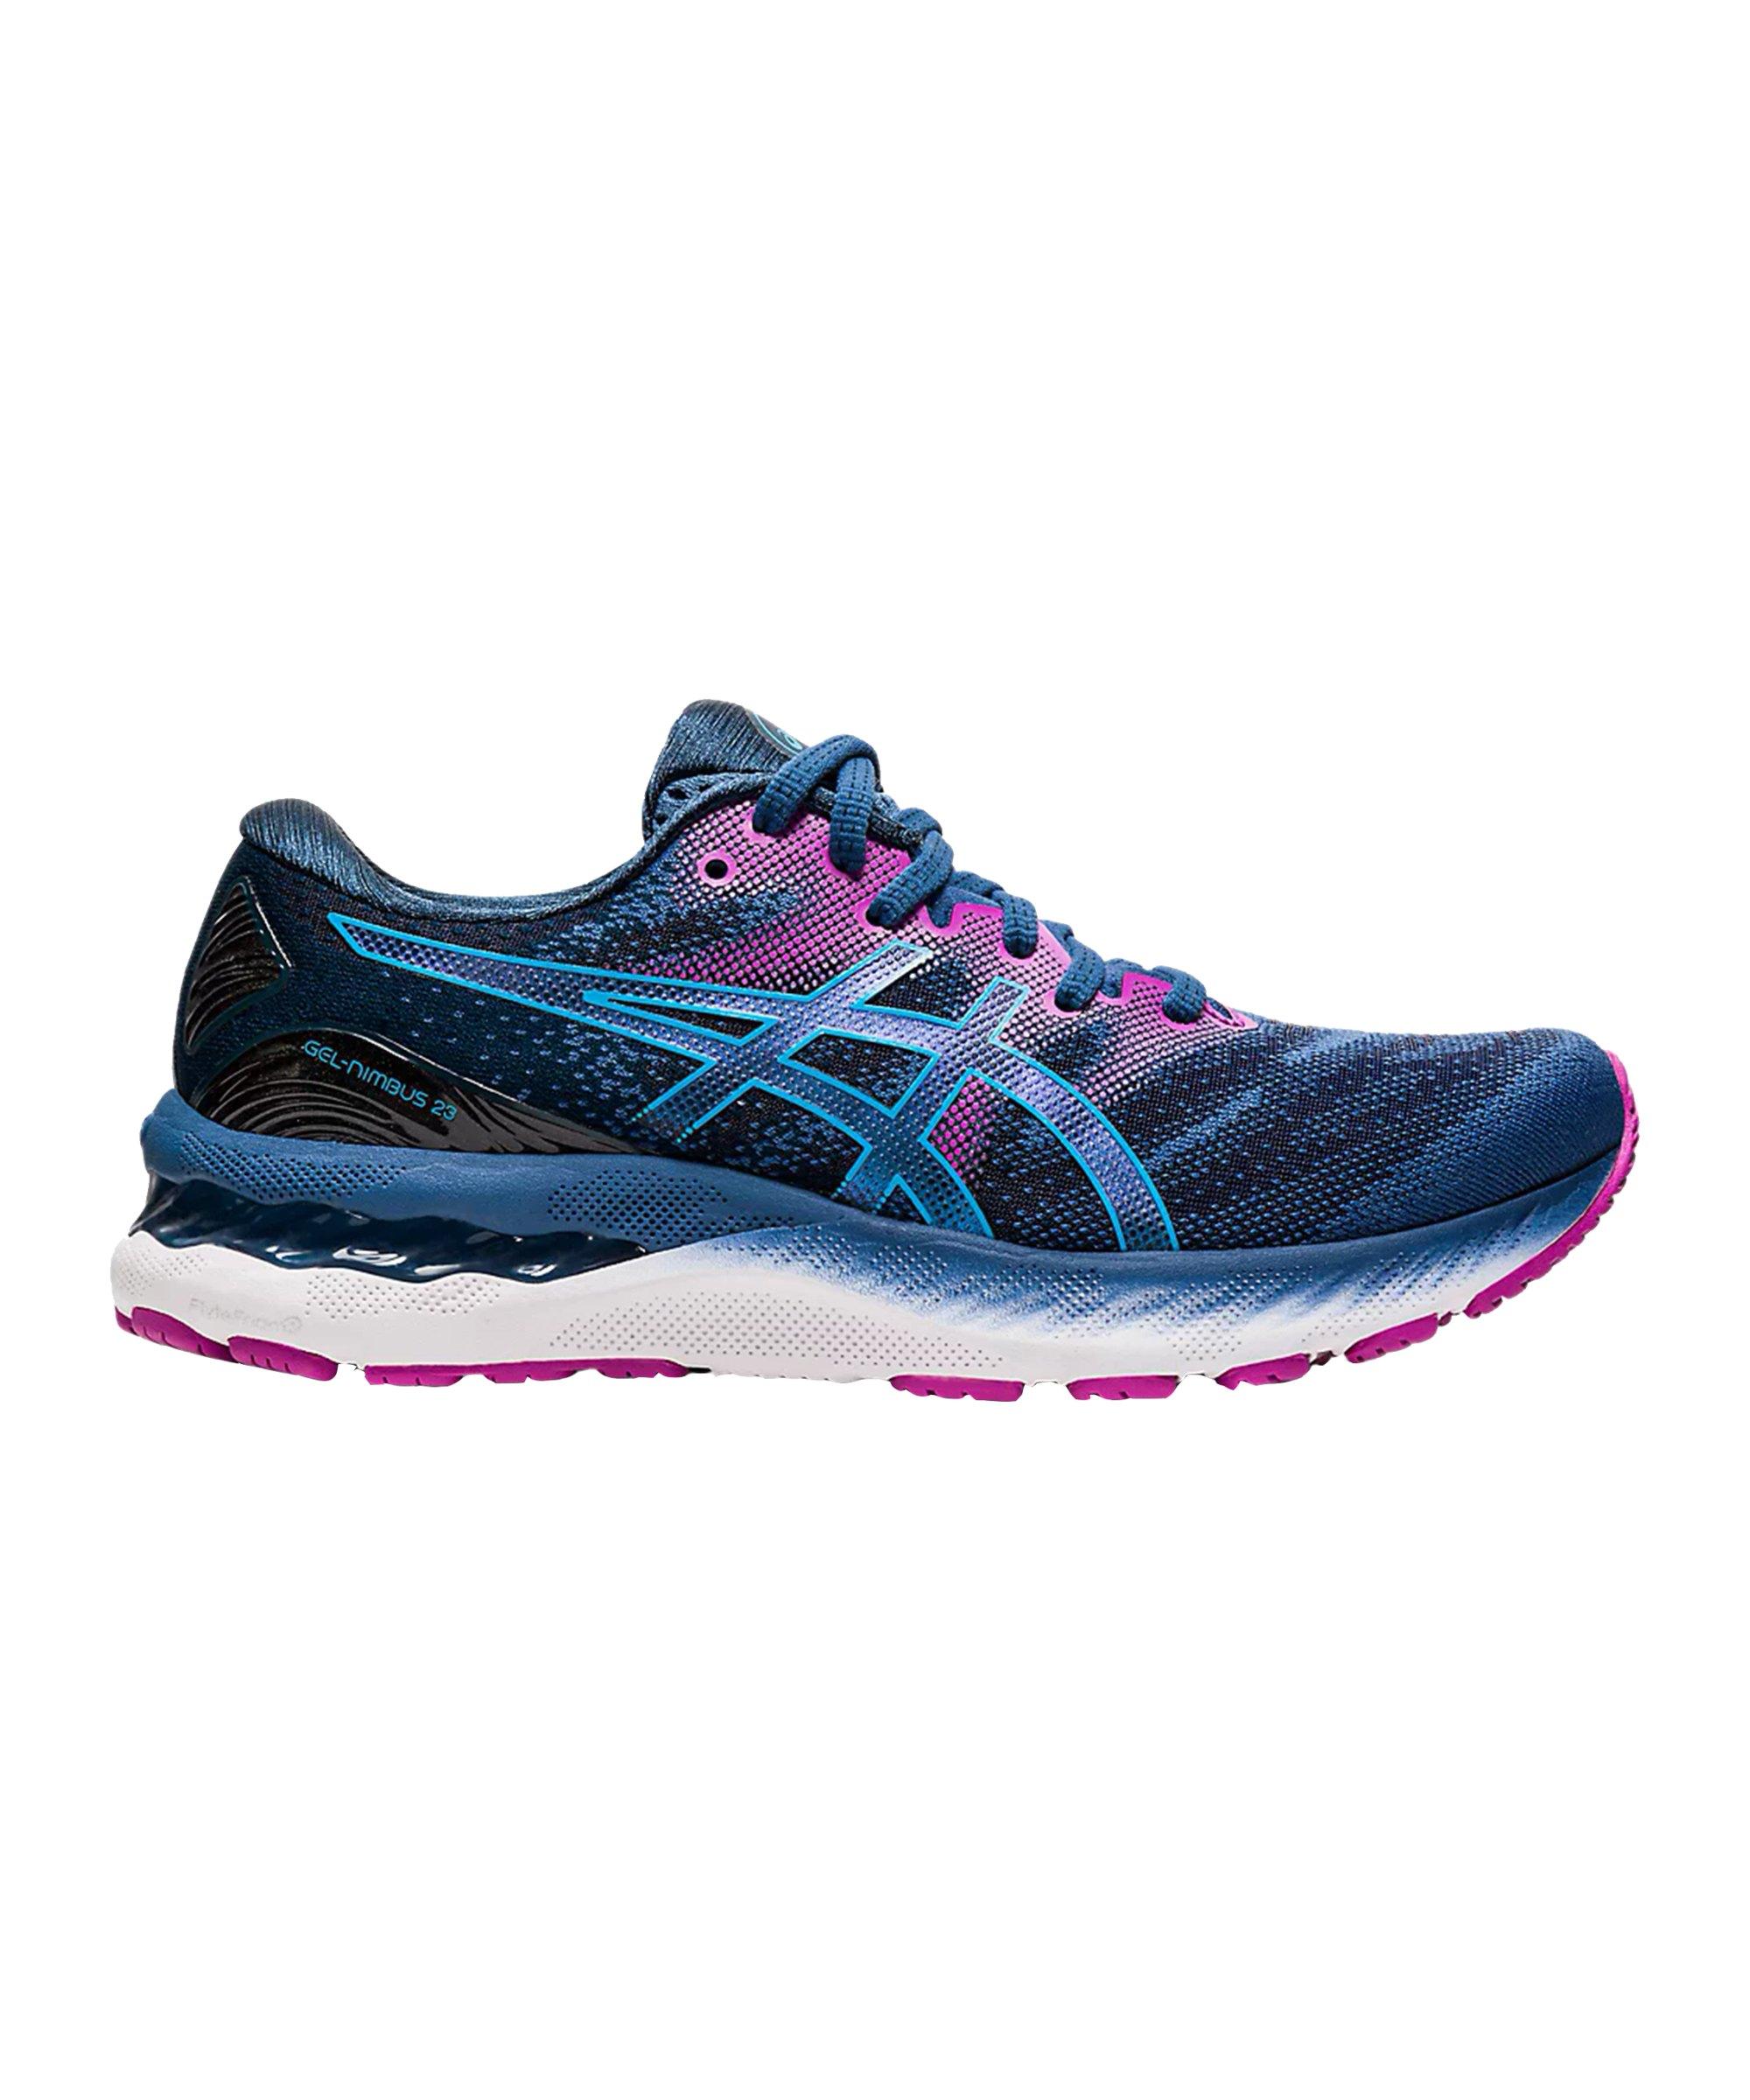 Asics Gel-Nimbus 23 Running Damen Blau F402 - blau